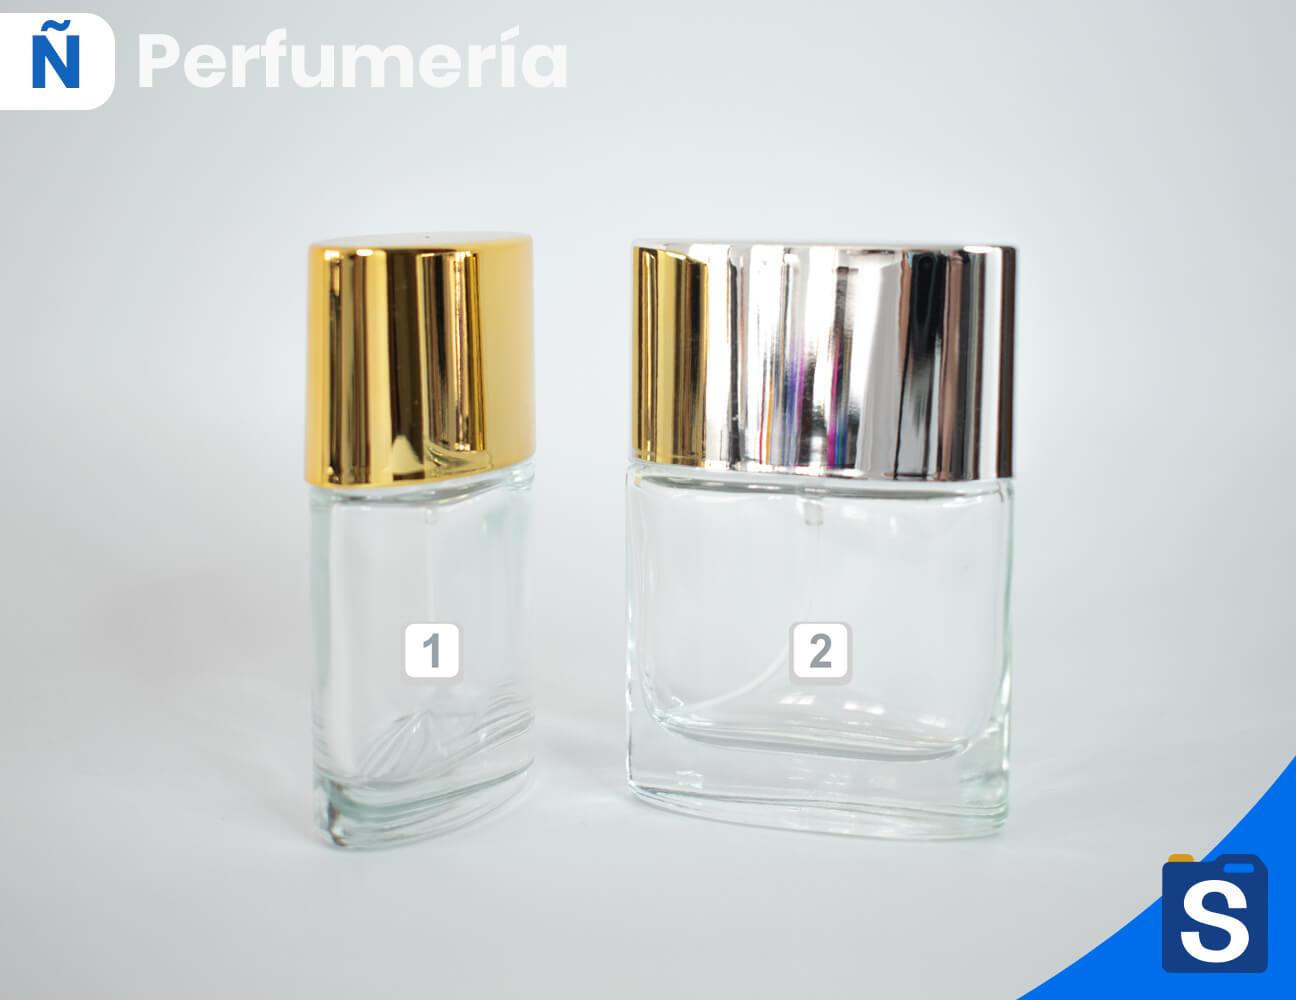 perfumeria soloenvases